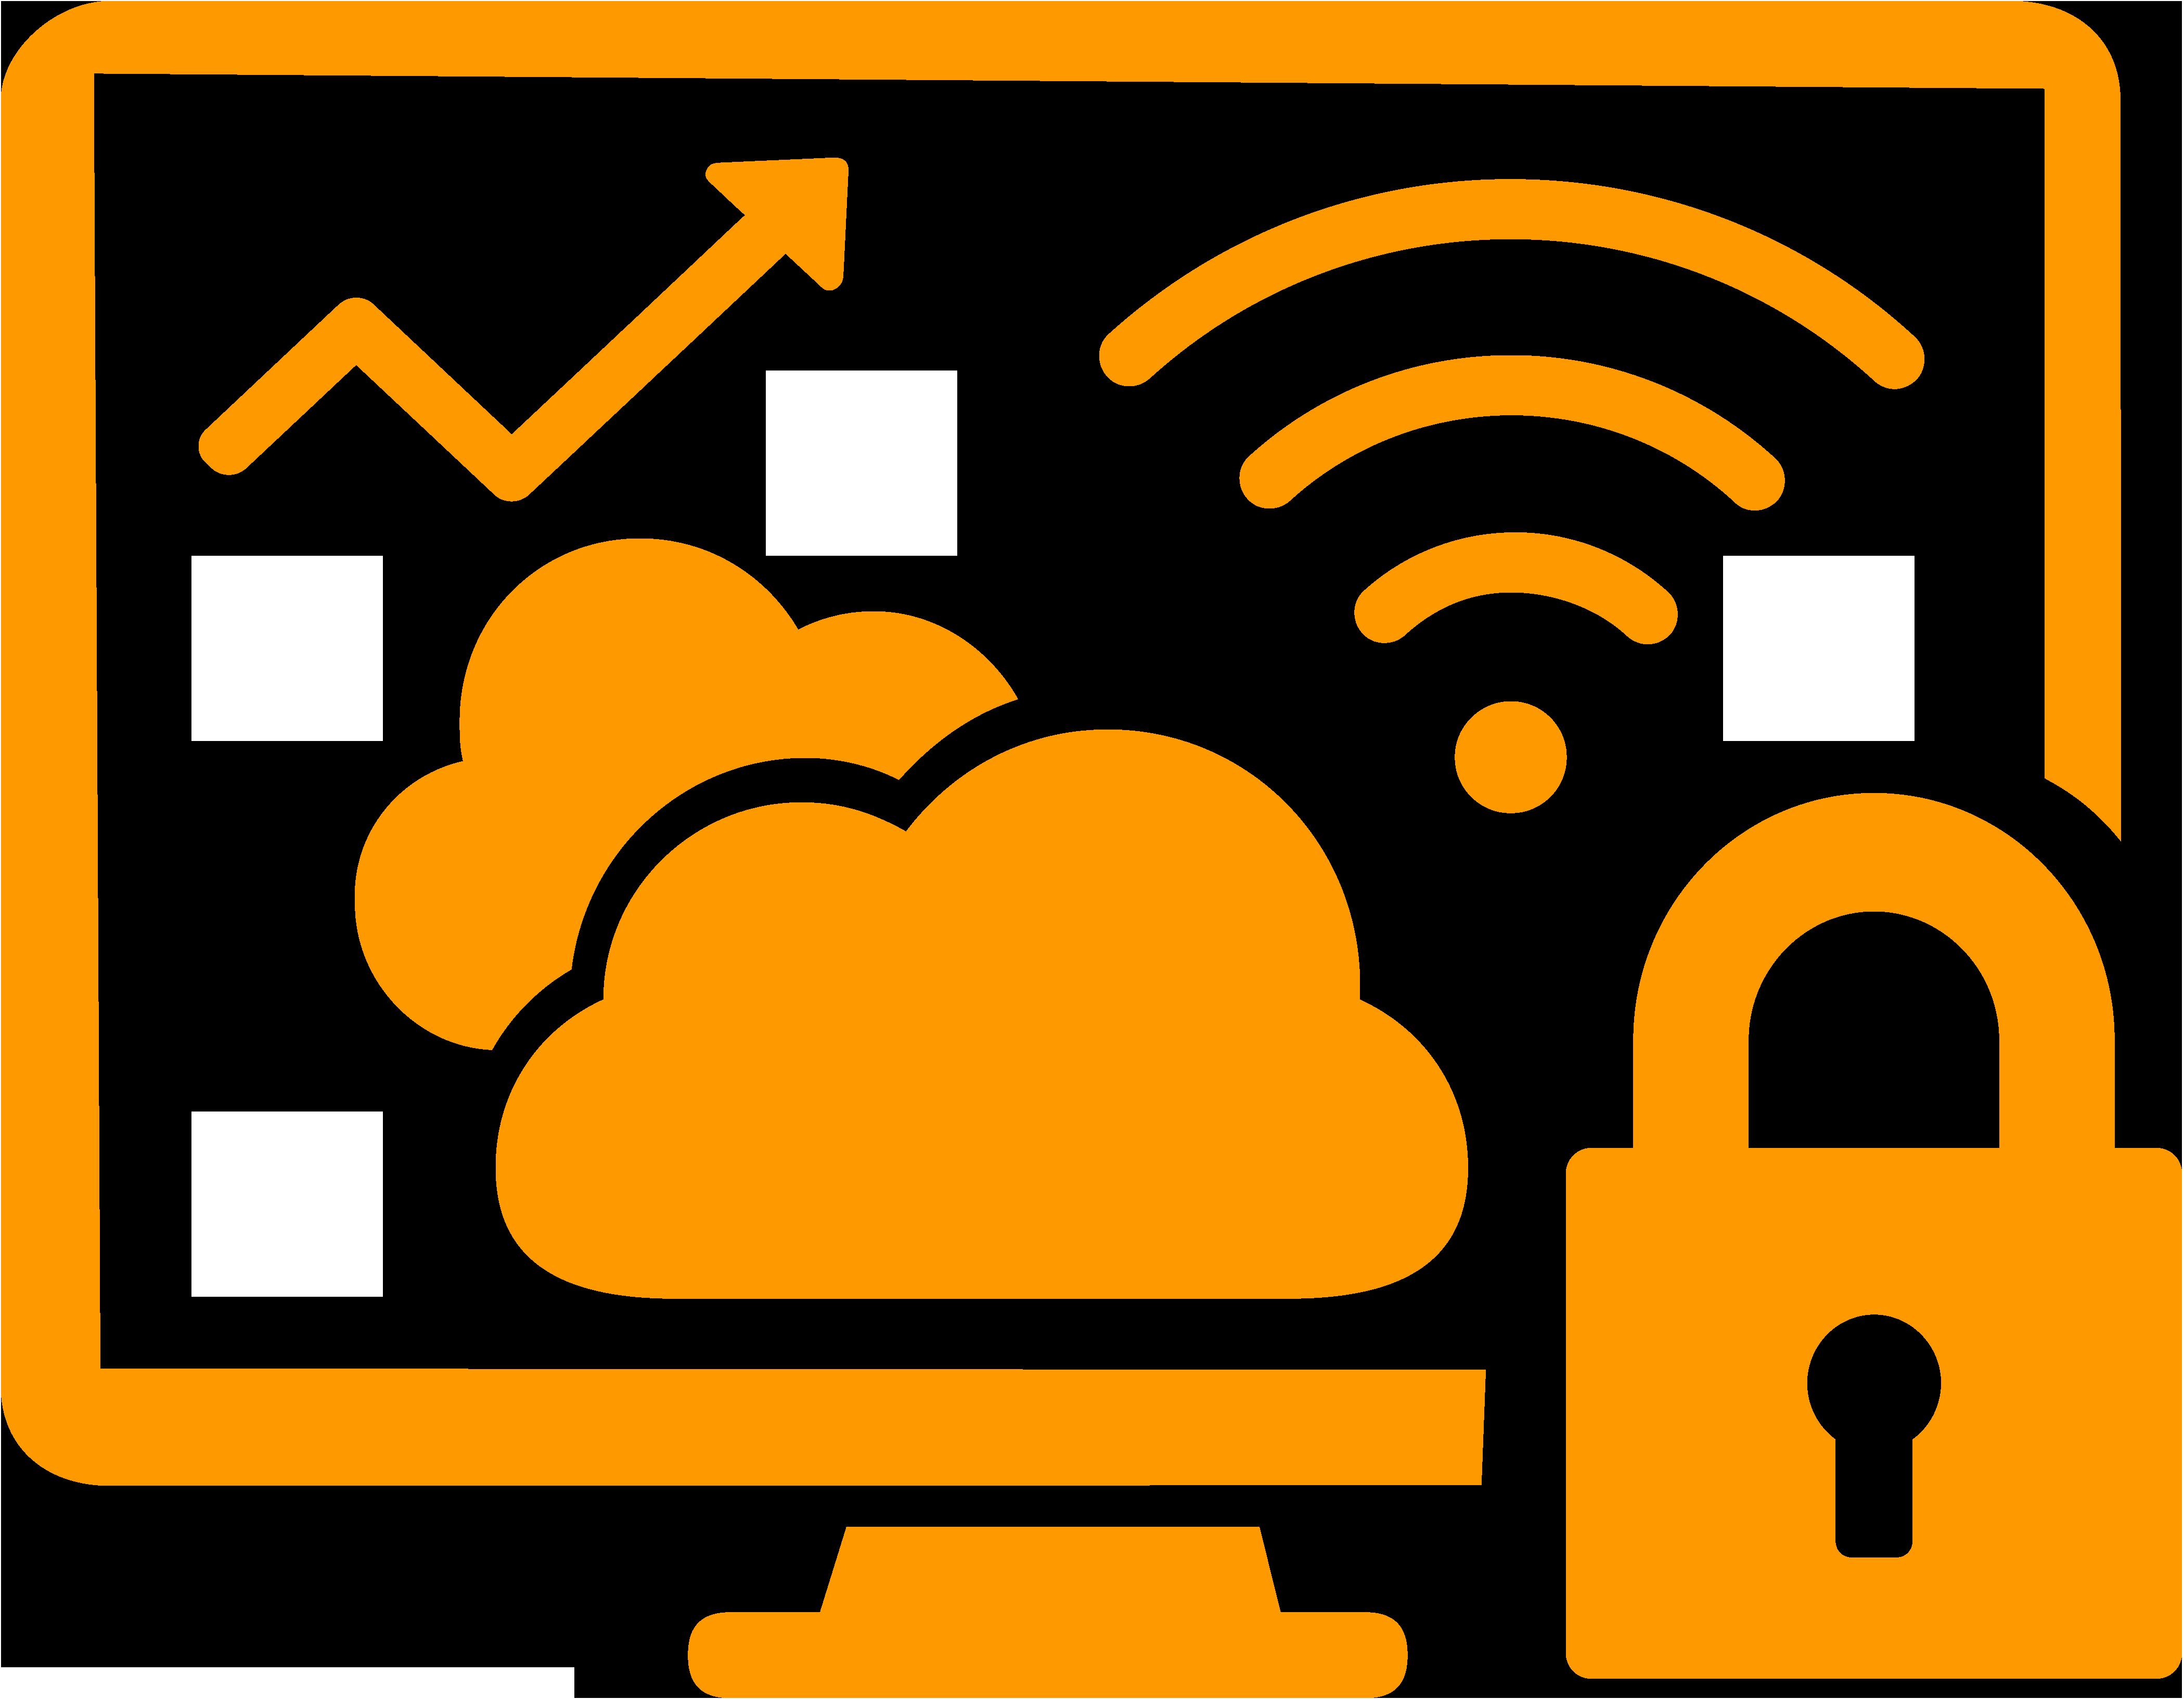 Digital System Integration